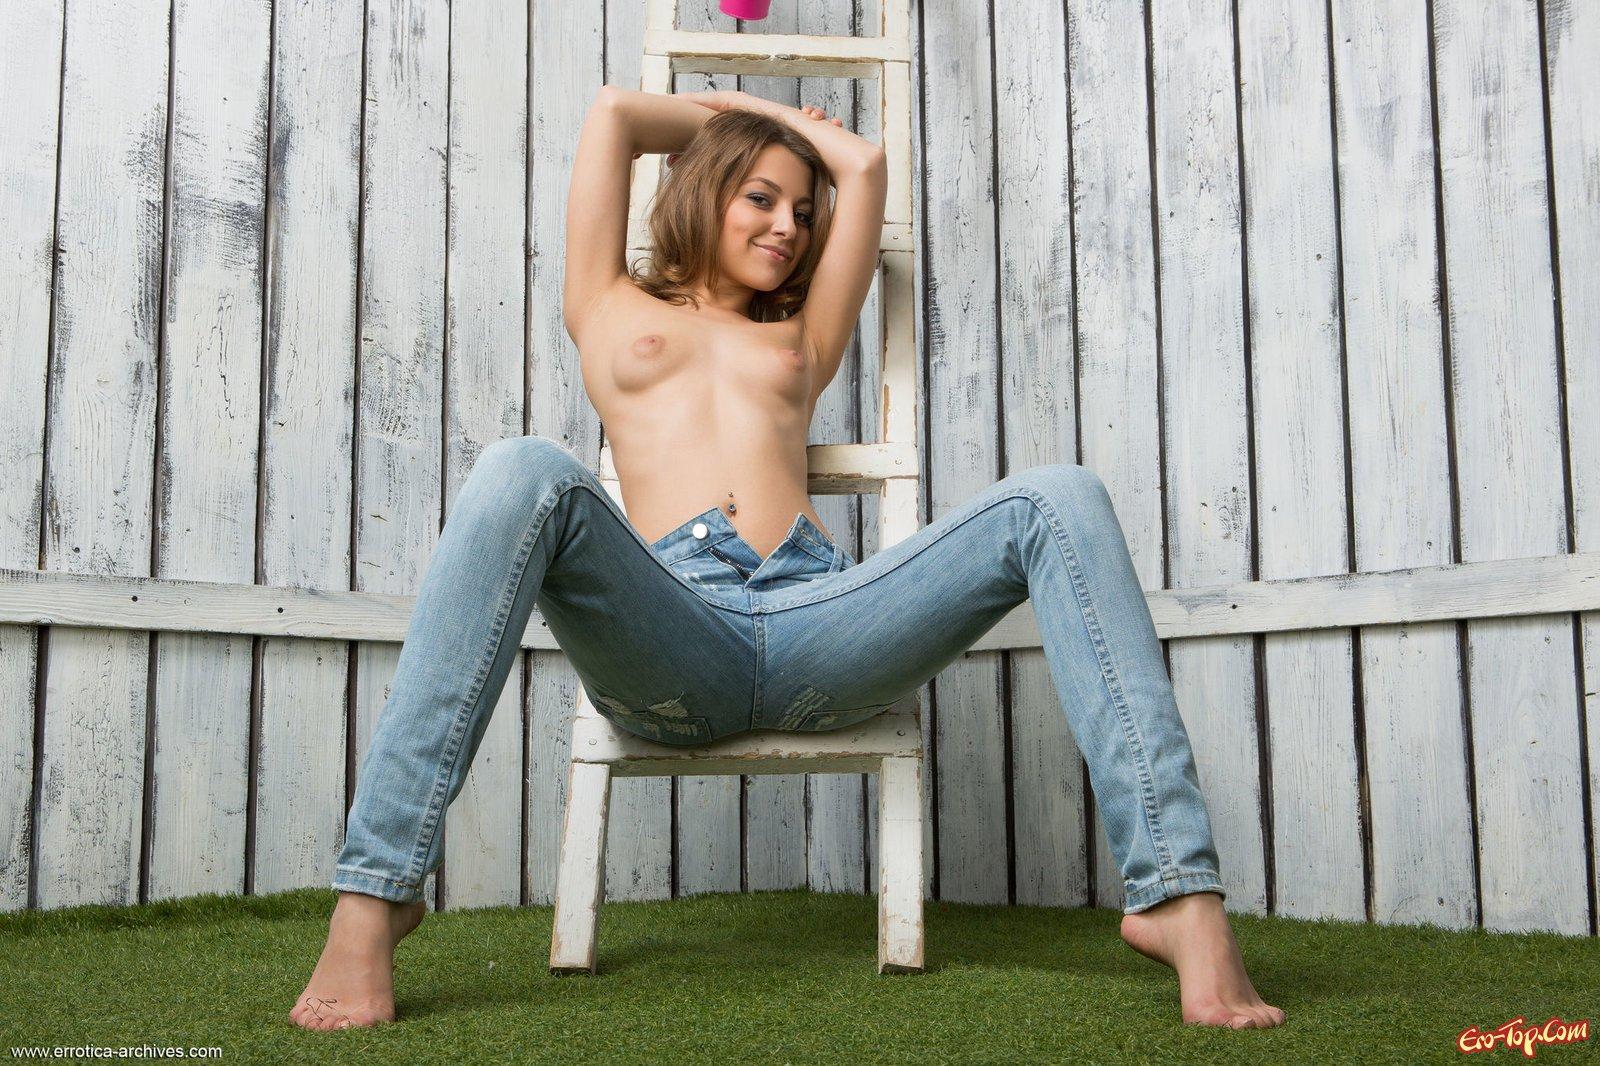 Гламурная проститутка сняла джинсы продемонстрировав киску